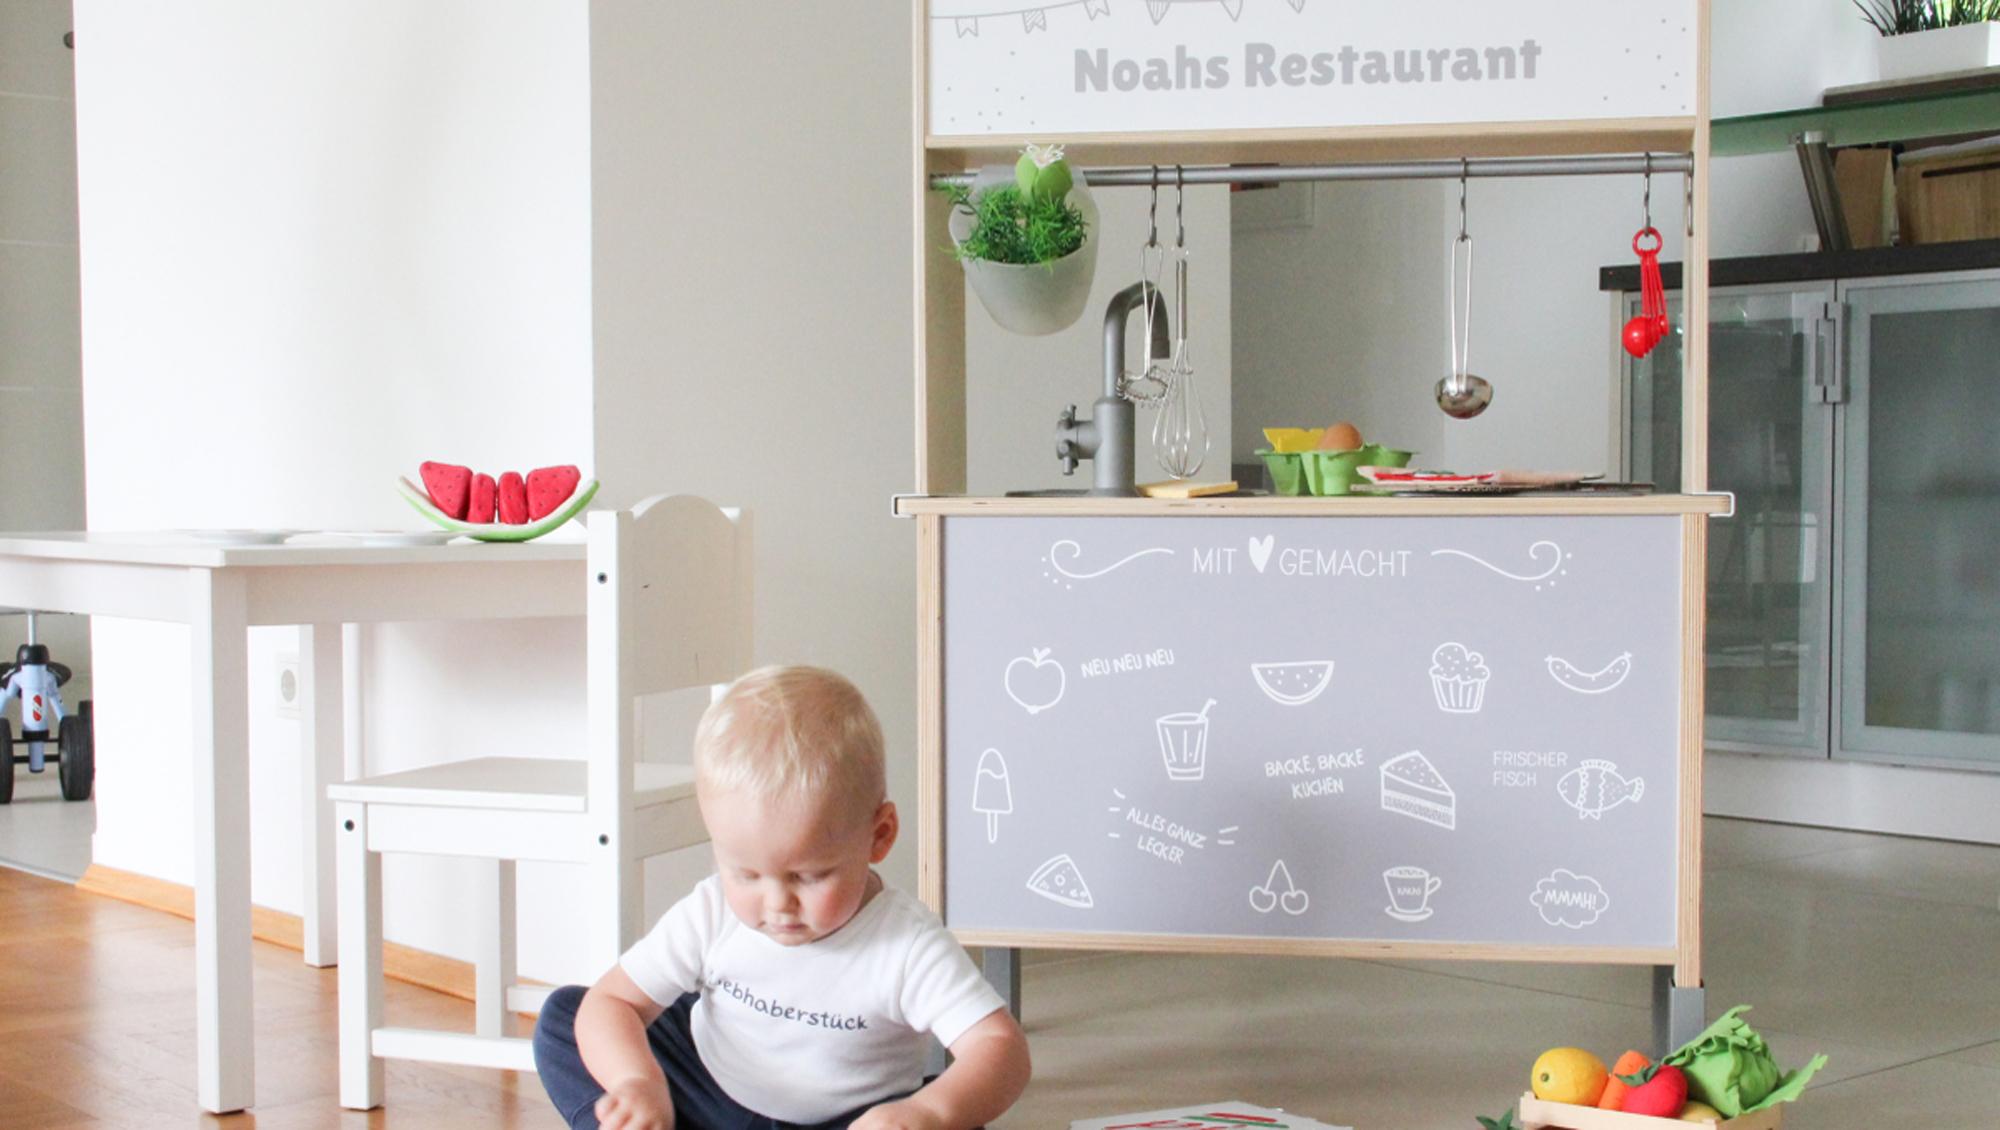 Full Size of Ikea Küchen Hacks Coolsten Frs Kinderzimmer Modulküche Betten Bei 160x200 Miniküche Küche Kaufen Regal Sofa Mit Schlaffunktion Kosten Wohnzimmer Ikea Küchen Hacks